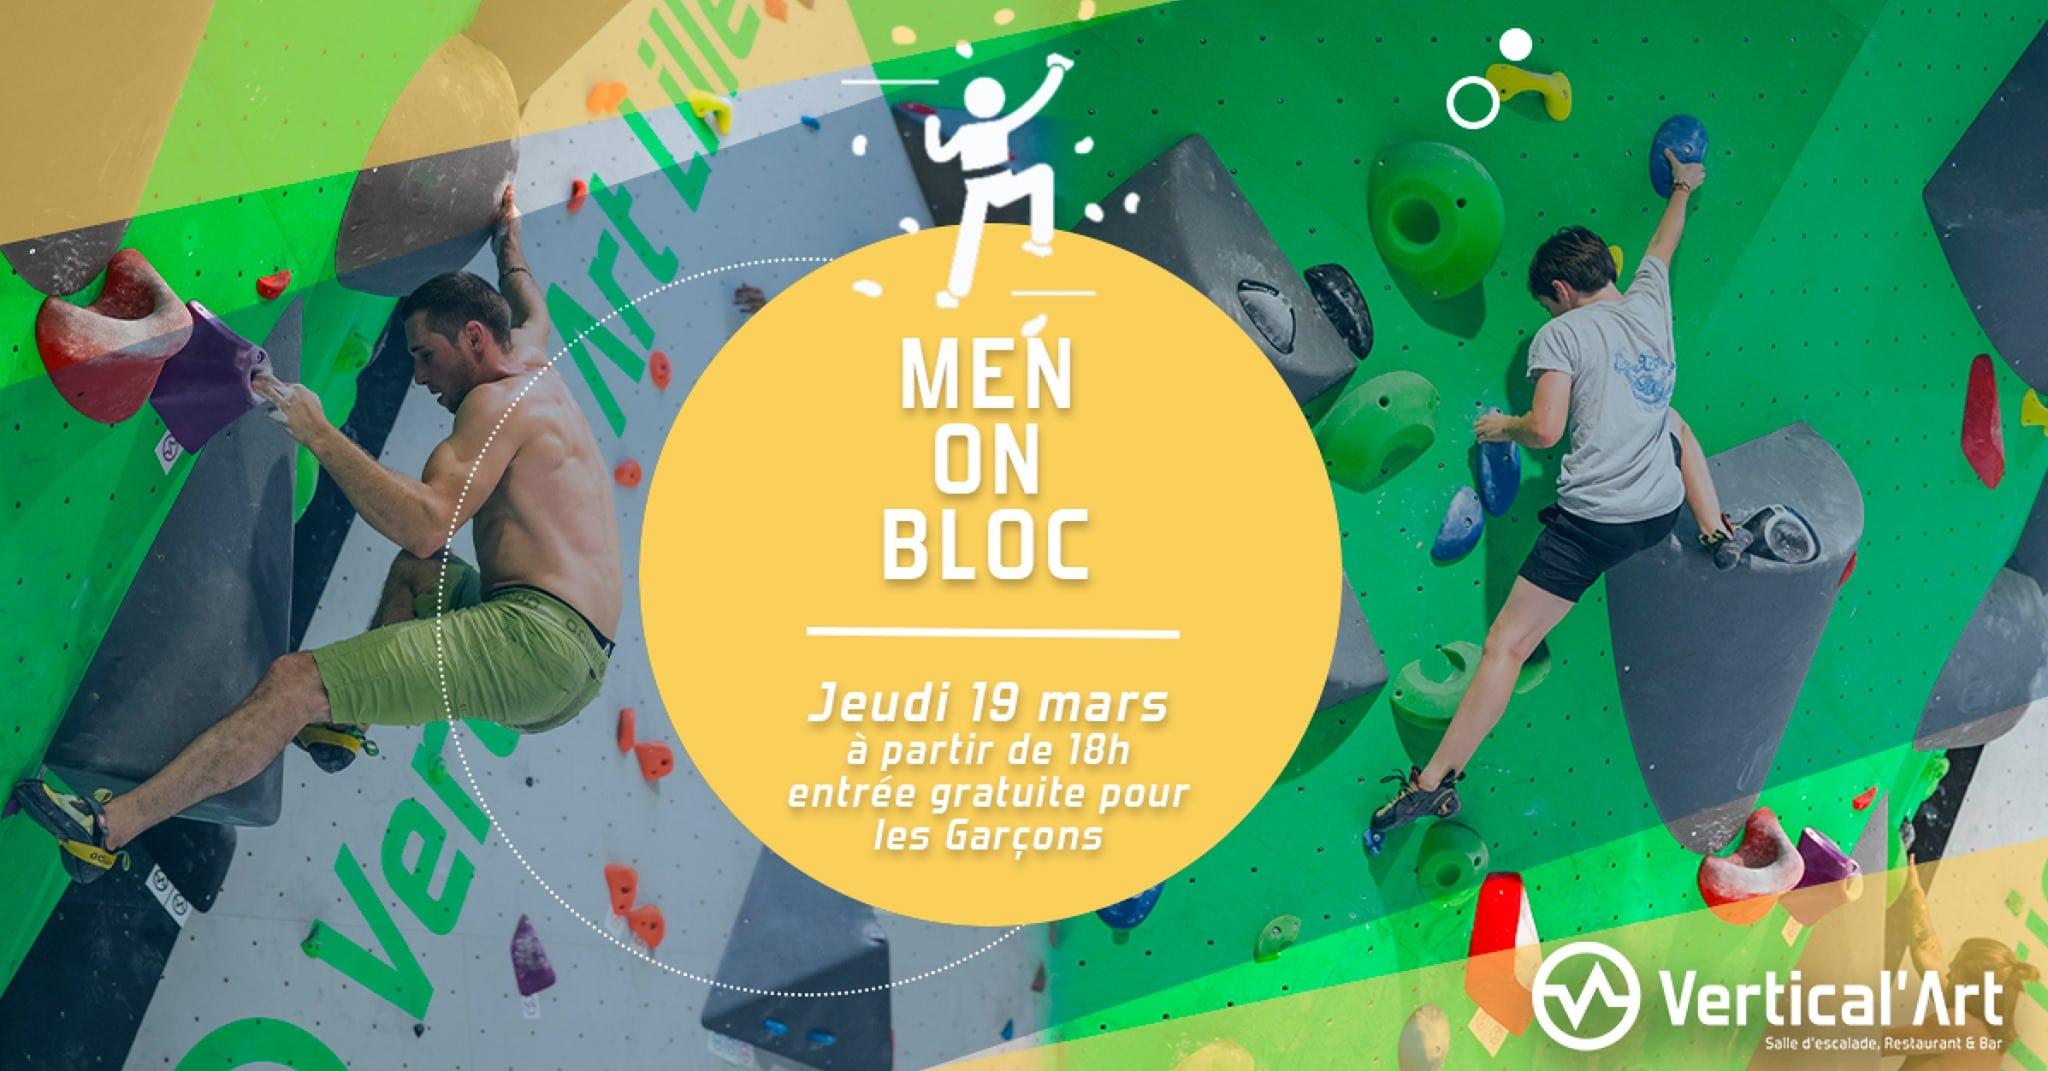 Vertical'Art Lille - Men on bloc - Gratuit pour les hommes - Sortie sportive à Lille - Vertical'Art Haut-de-France -